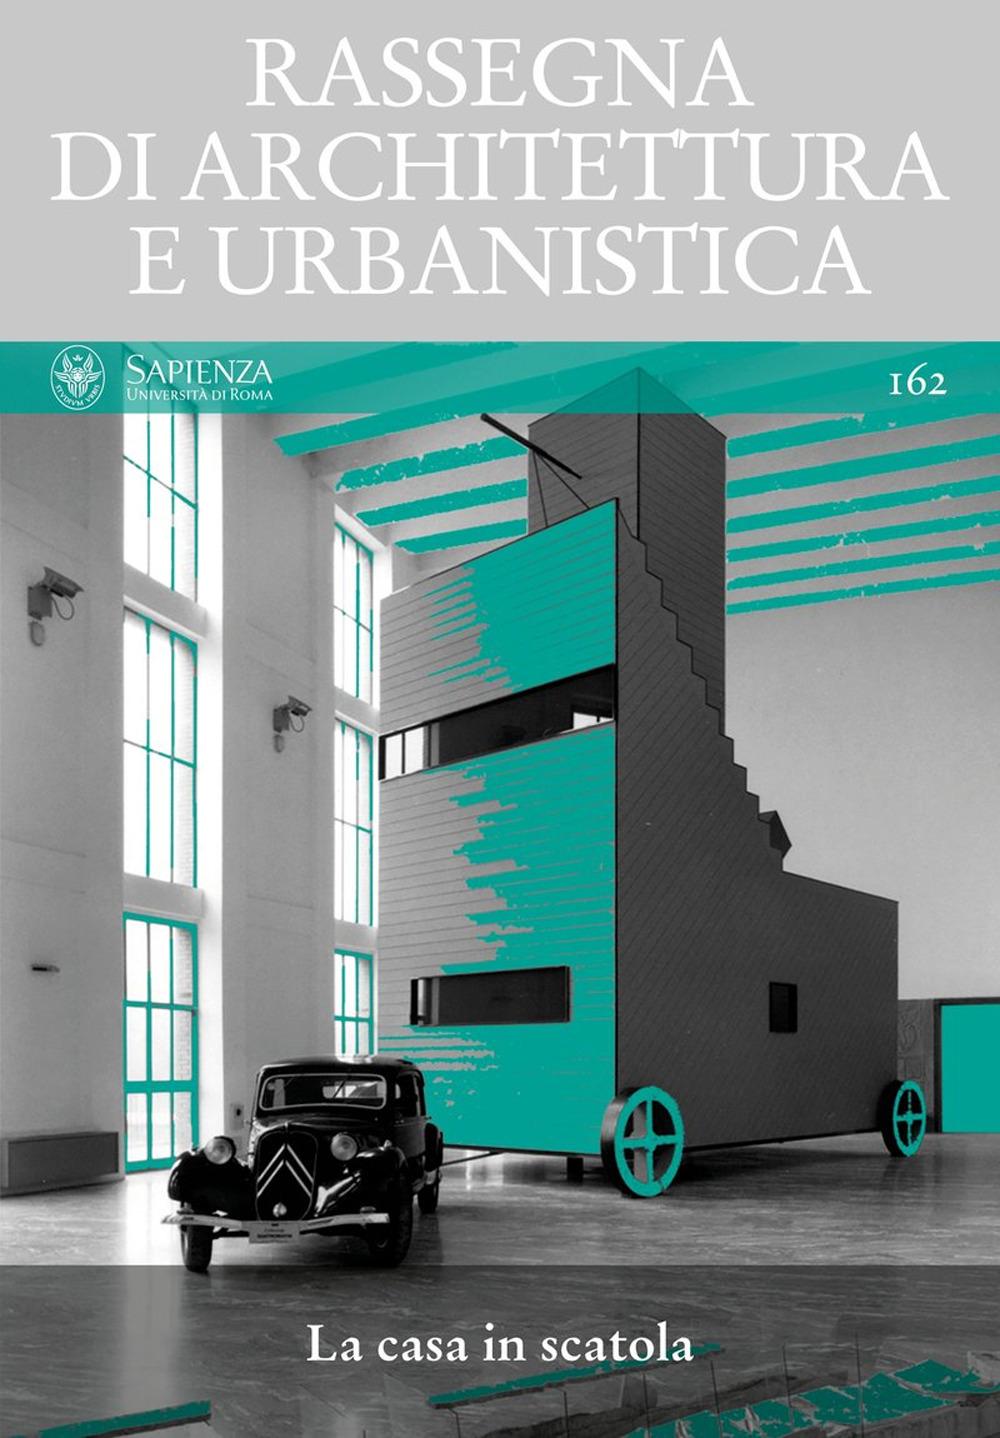 RASSEGNA DI ARCHITETTURA E URBANISTICA - 9788822906410